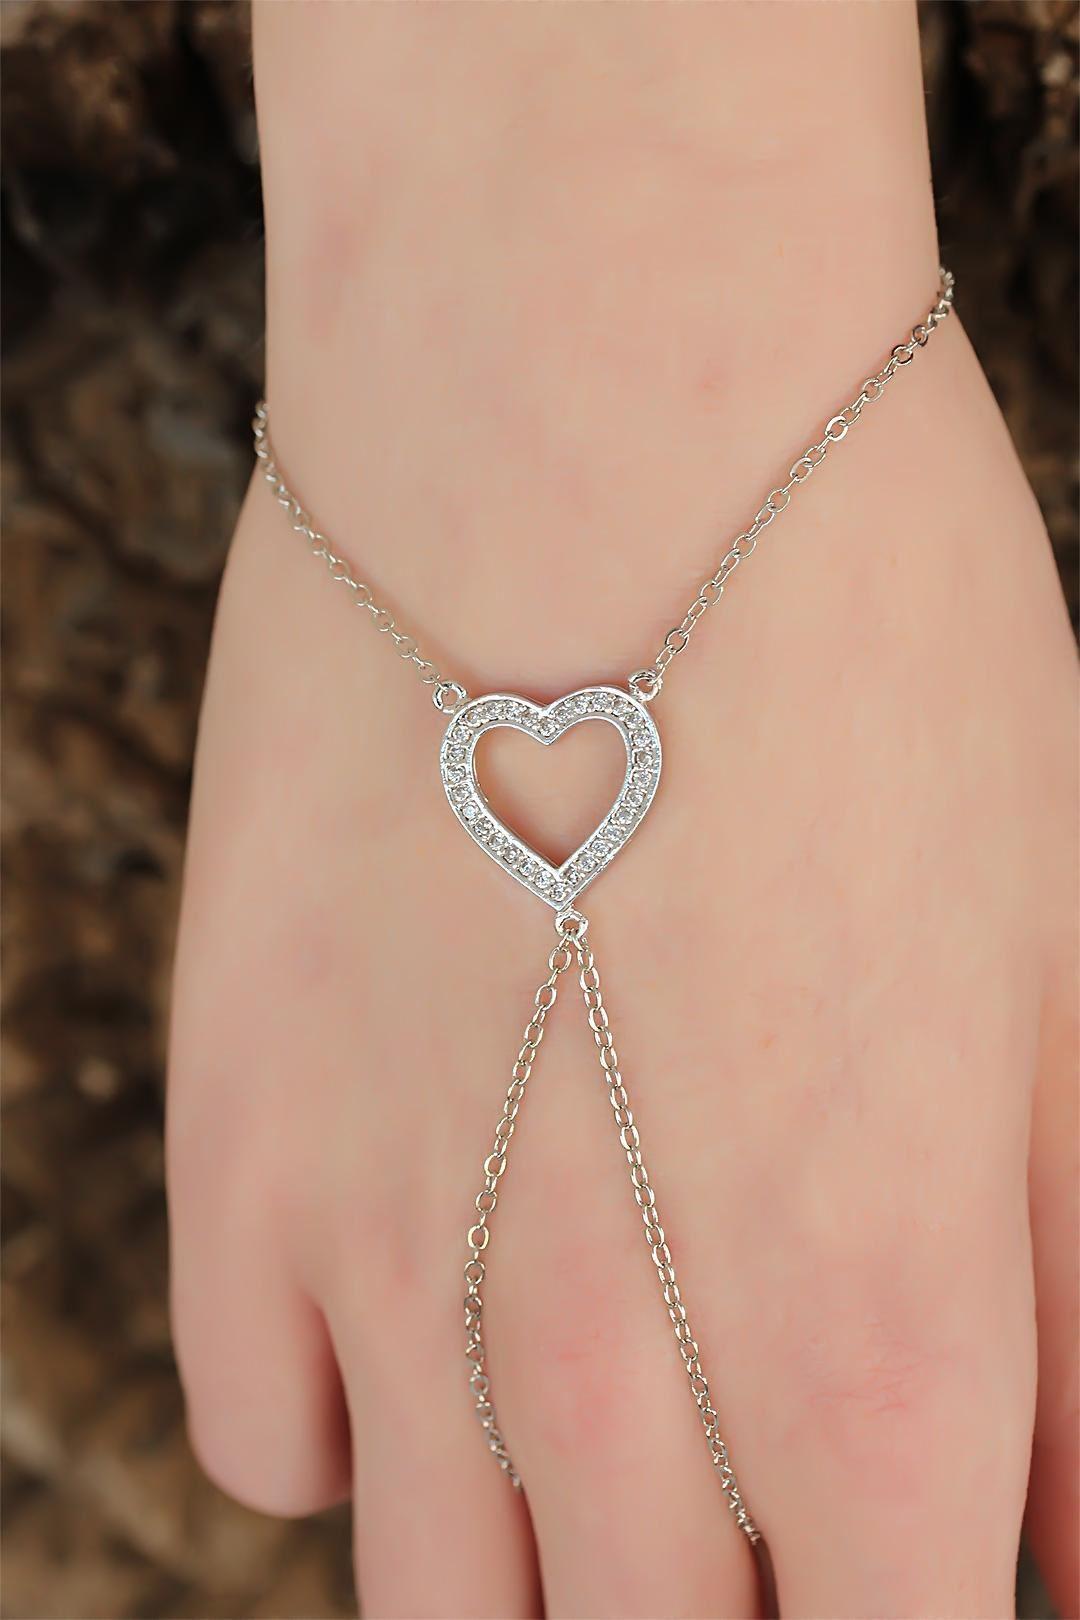 Silver Renk Zirkon Taşlı Kalp Figürlü Şahmeran Bileklik